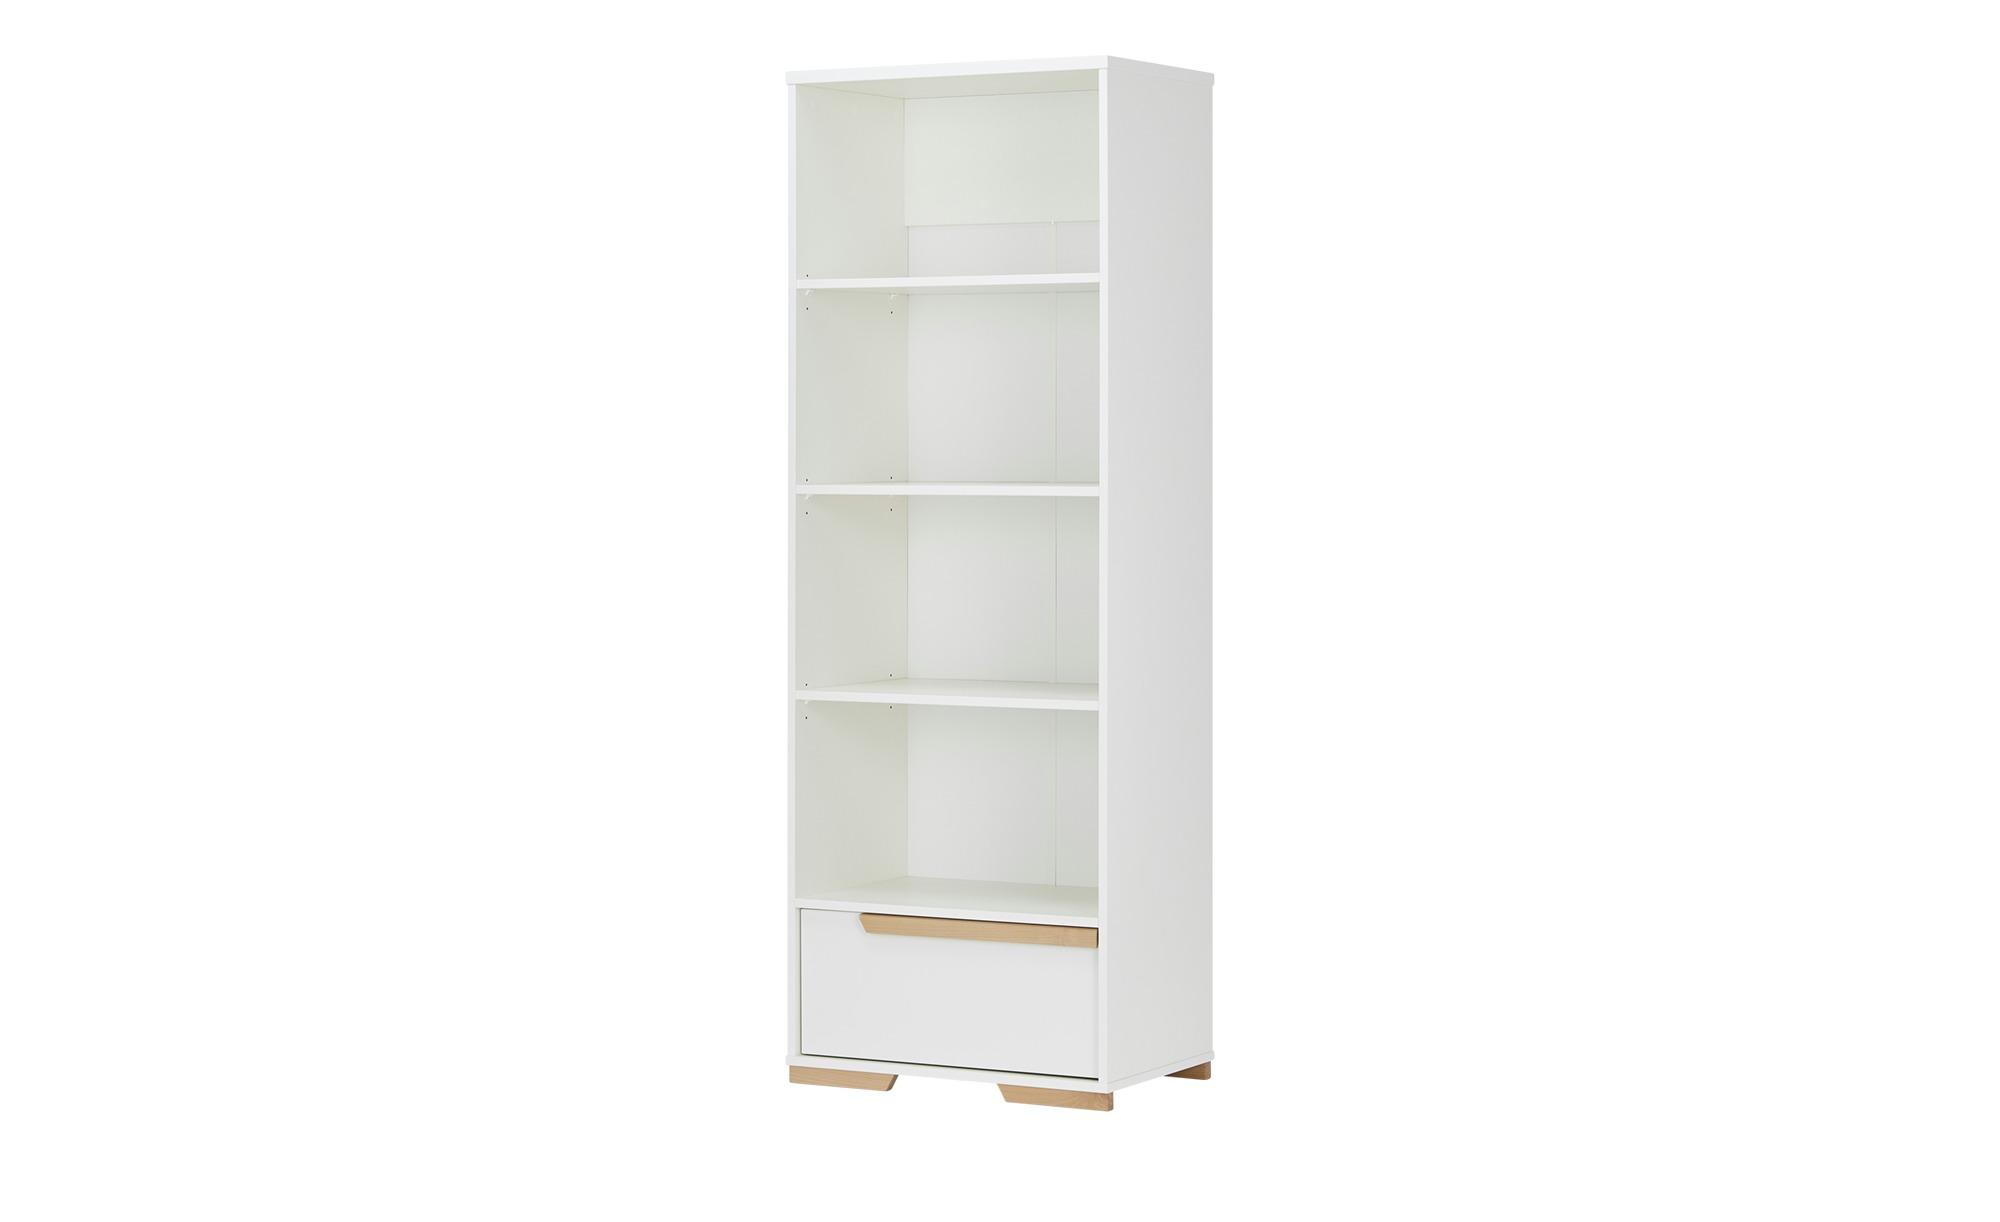 Standregal - weiß - 70,5 cm - 195 cm - 45 cm - Regale > Bücherregale - Möbel Kraft   Wohnzimmer > Regale > Einzelregale   Sconto